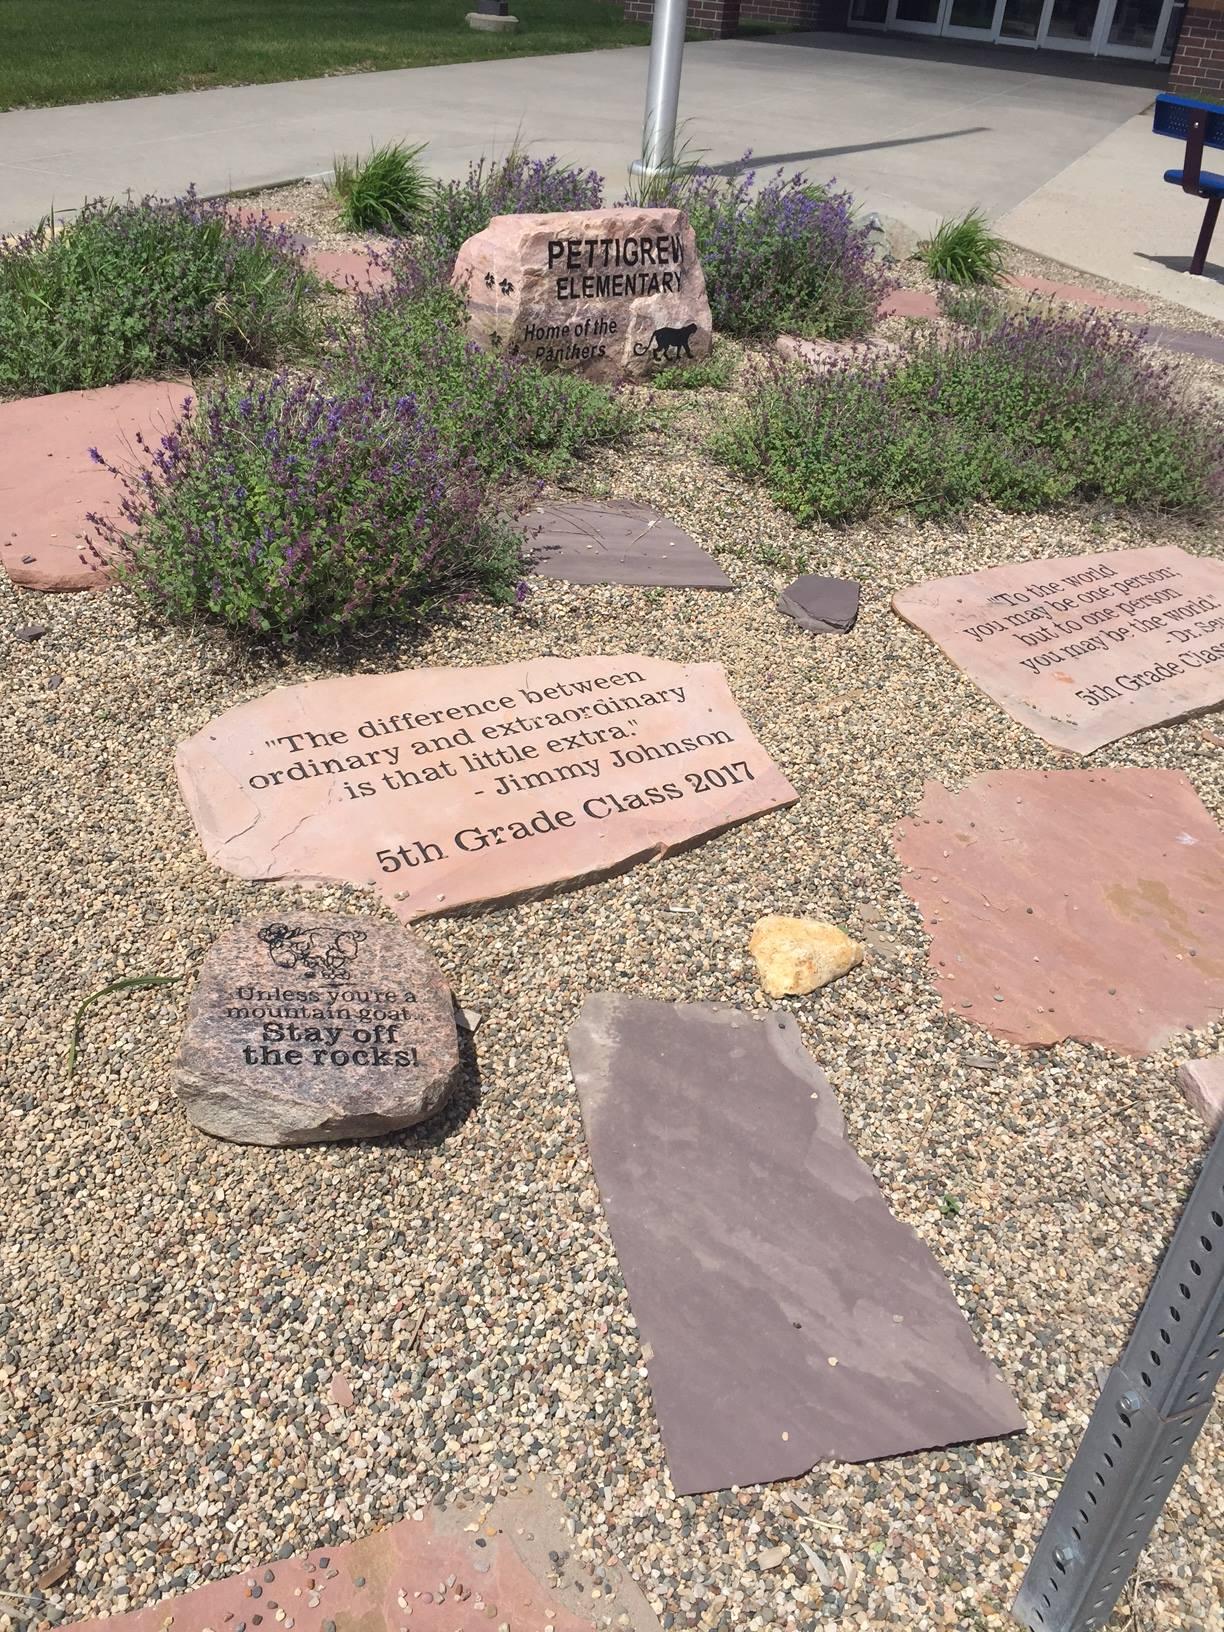 Image of rock garden in front of Pettigrew Elementary school.